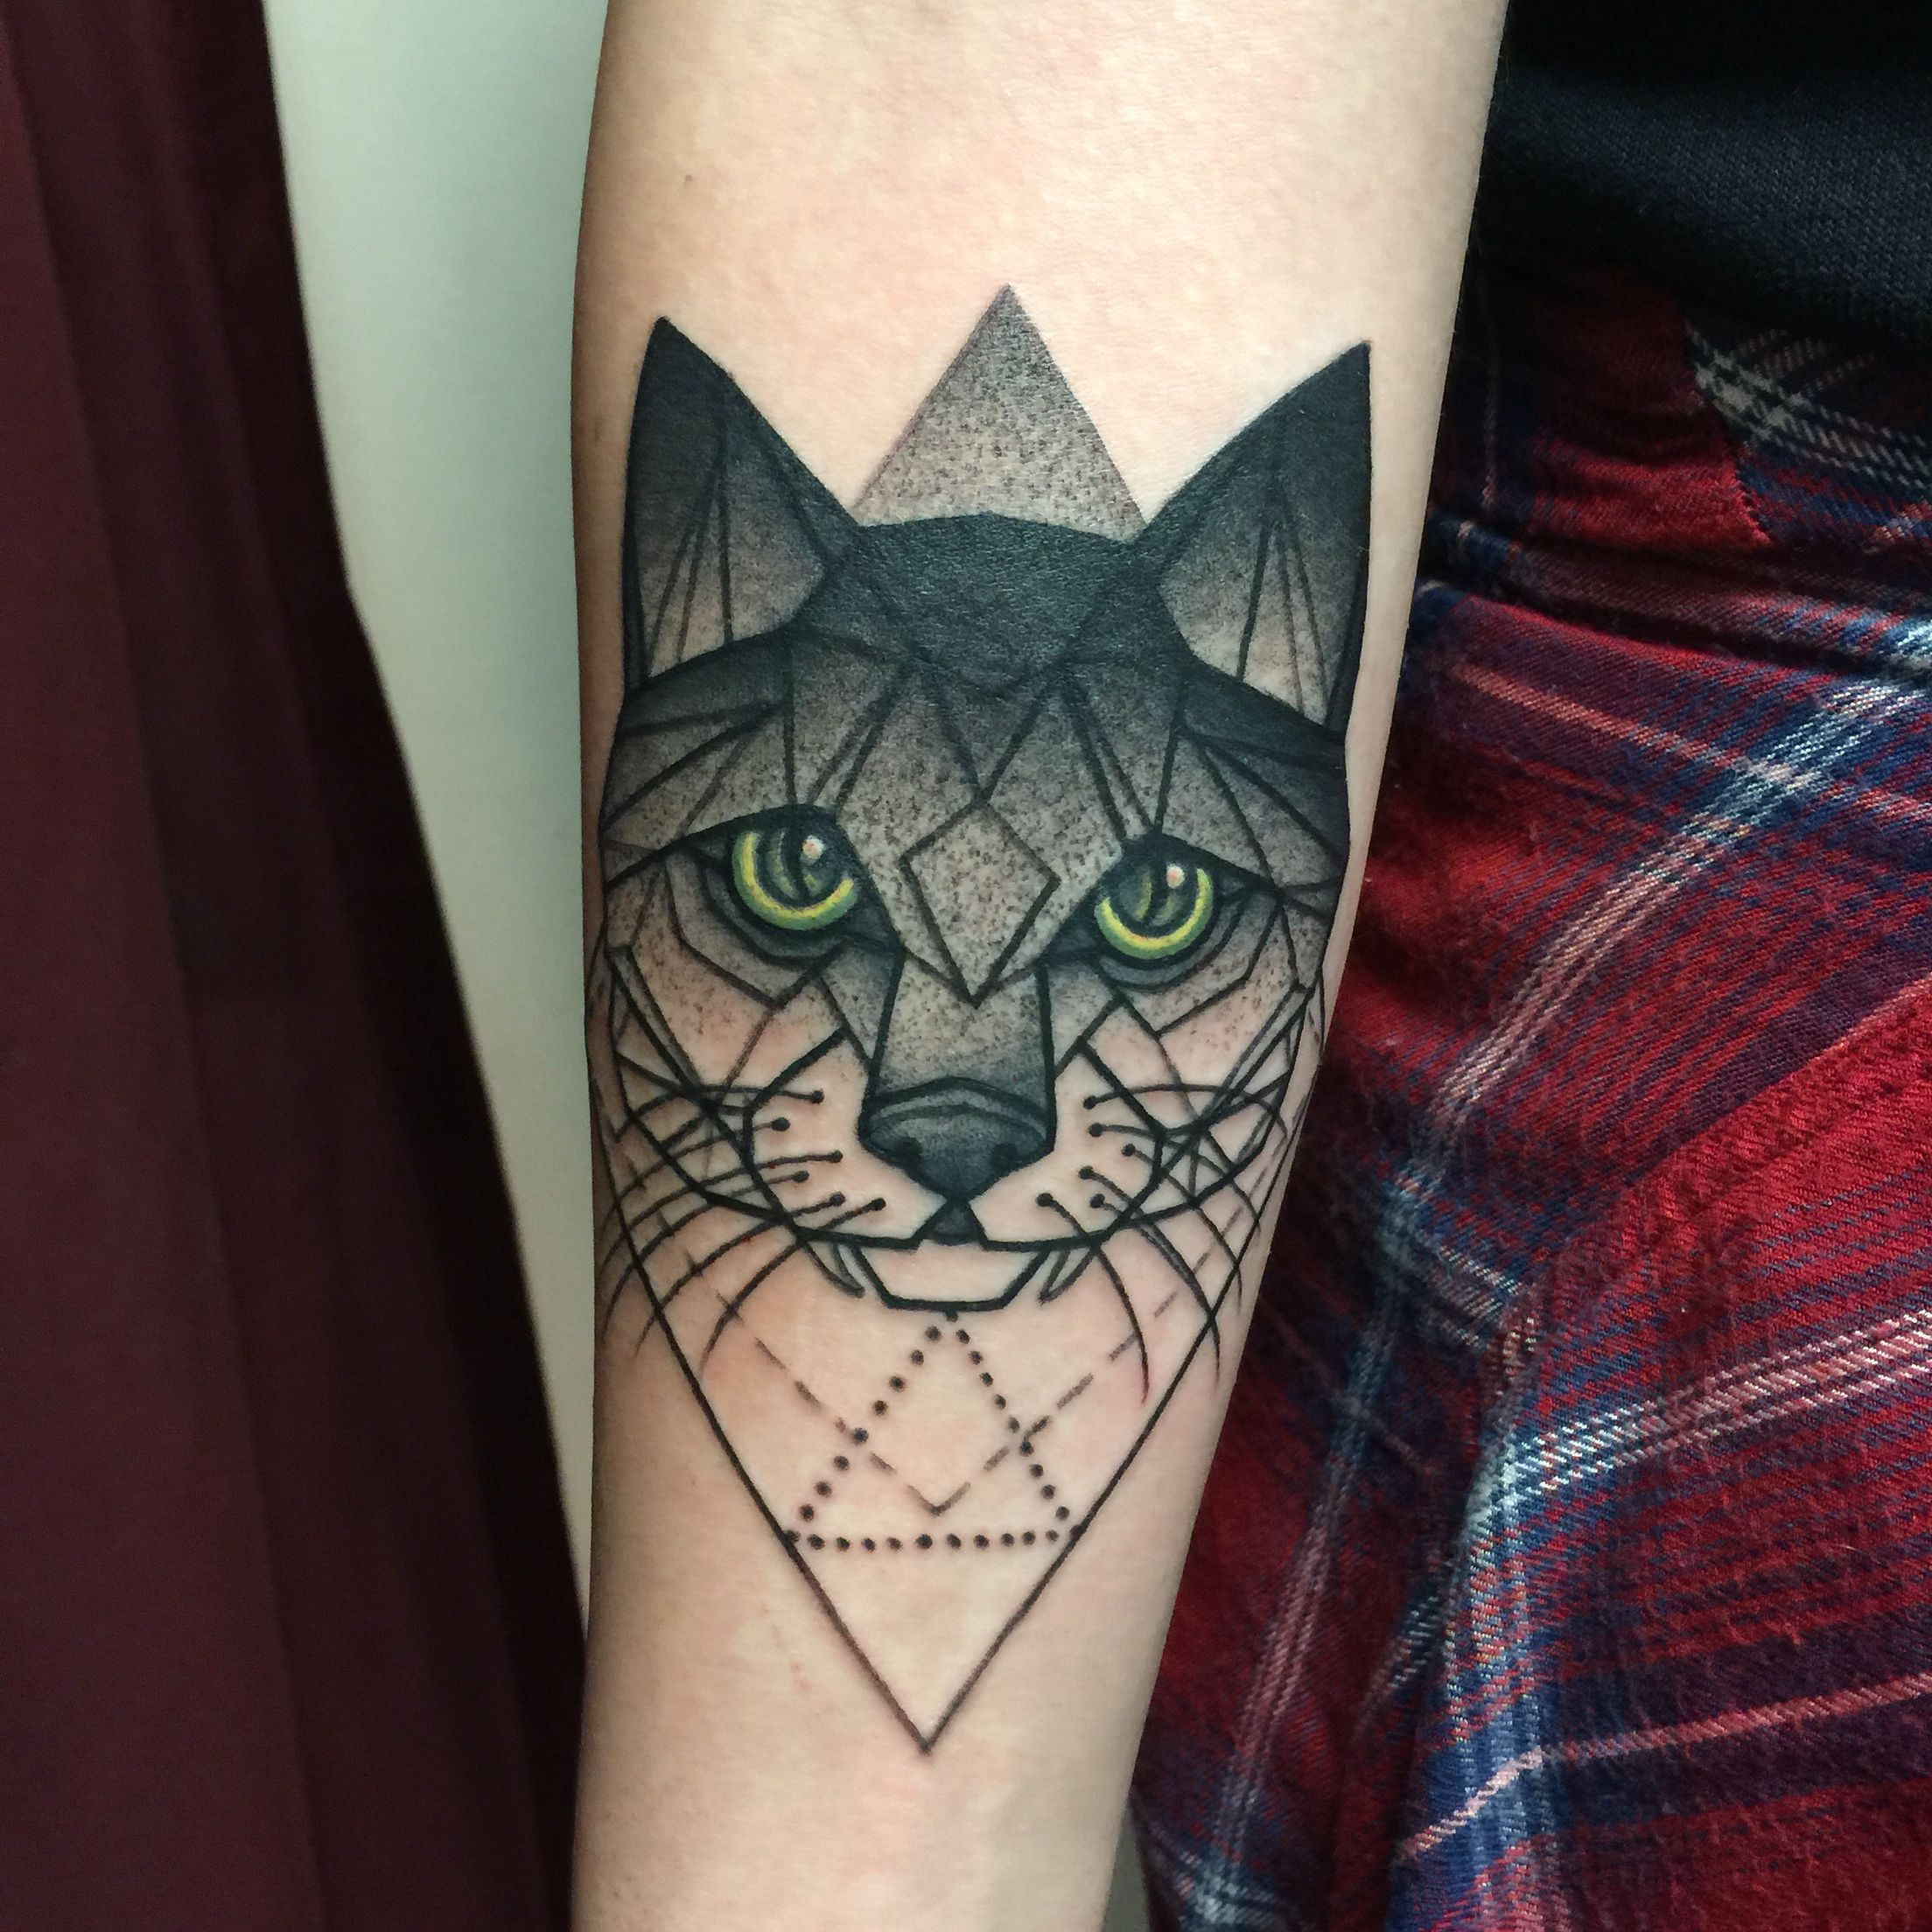 Black Cat Tattoo Tattooed By Noelle Lamonica Divine Machine Tattoo Geometric Cat Tattoo Black Cat Tattoos Geometric Tattoo